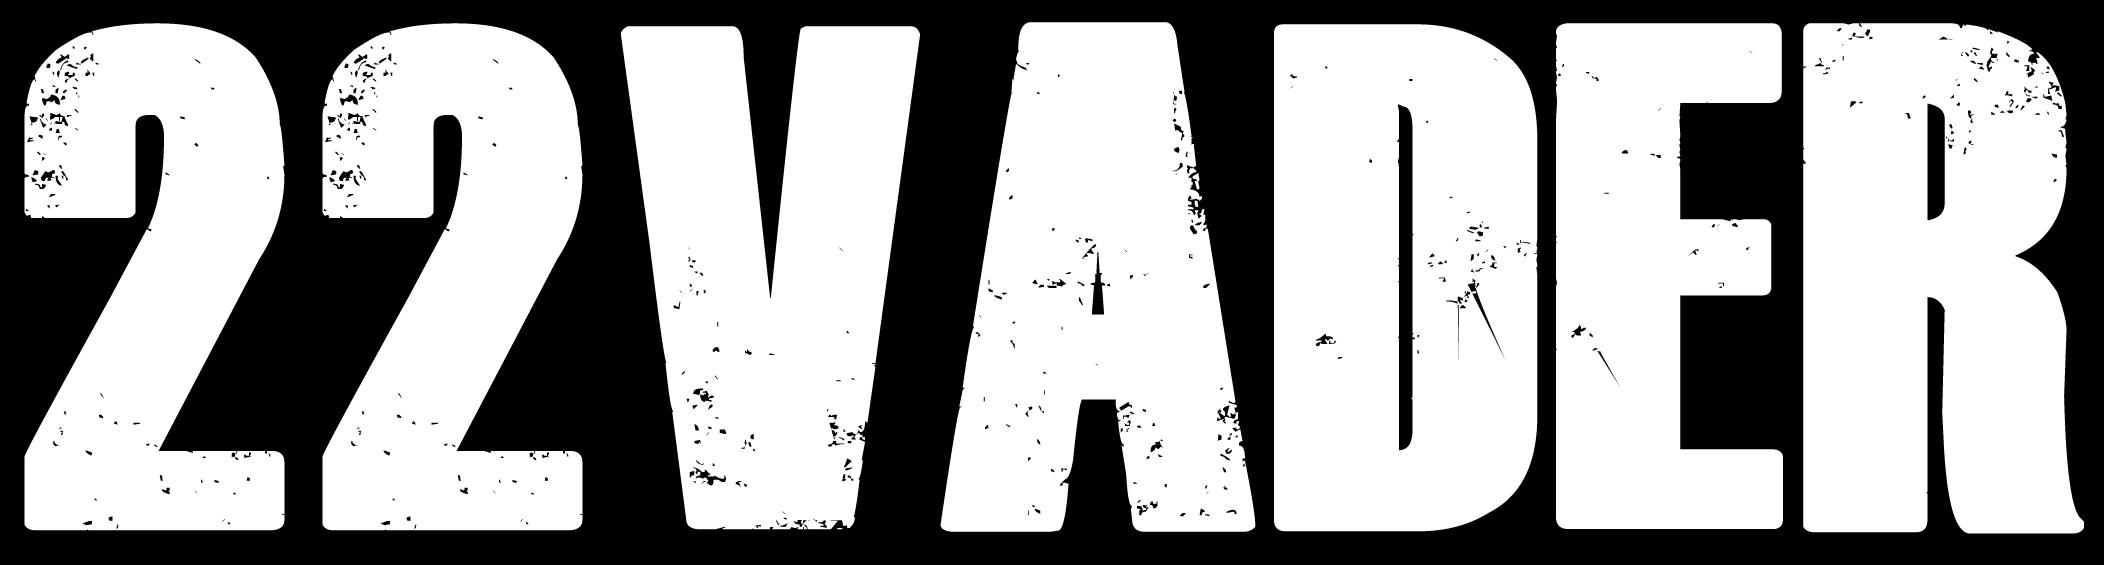 22-vader-logo2.jpg